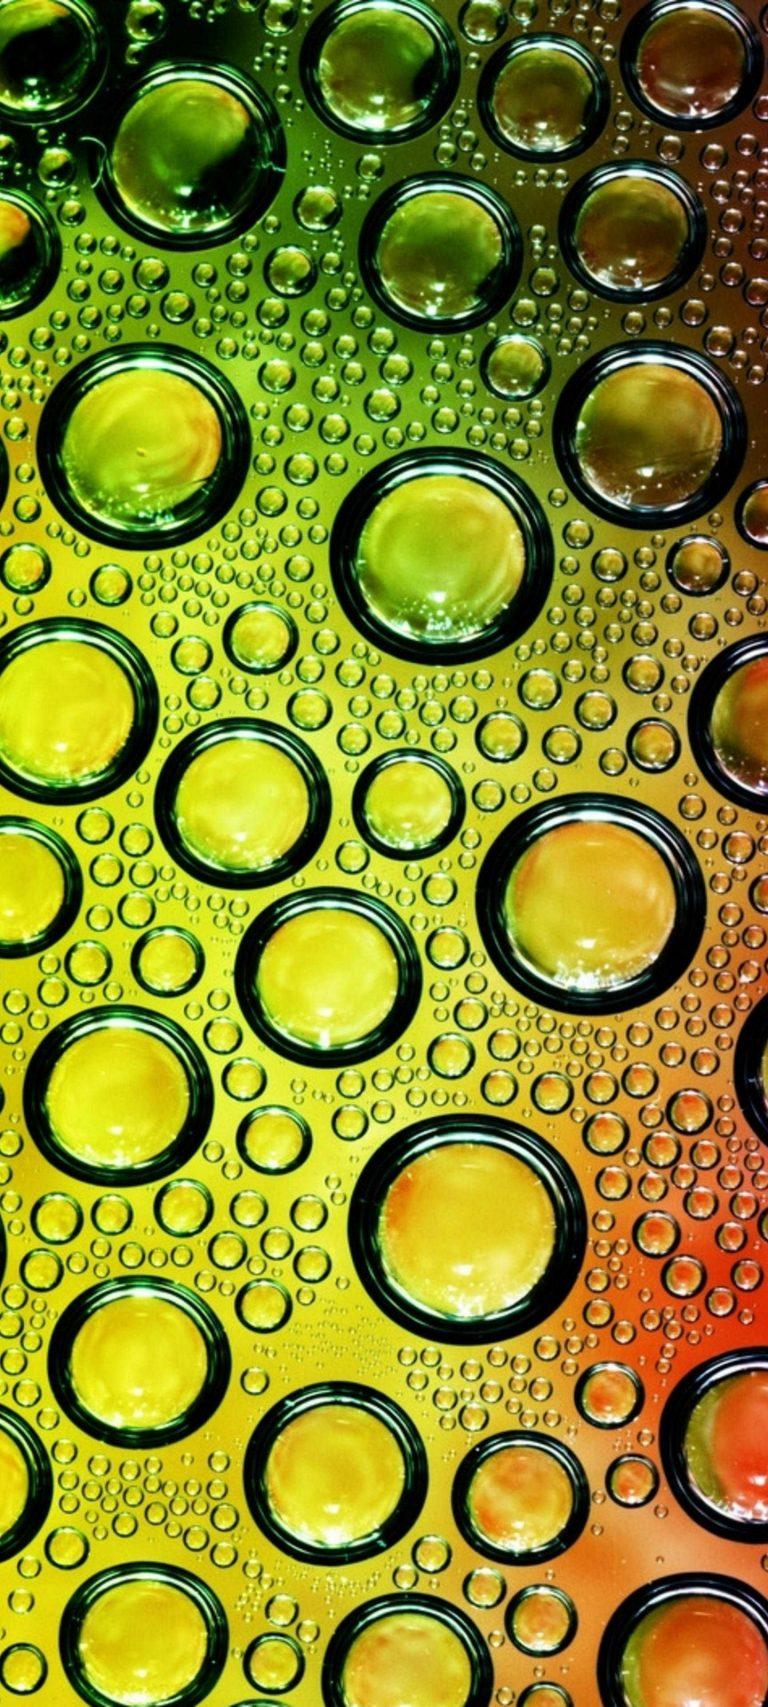 1440x3200 HD Wallpaper 210 768x1707 - 1440x3200 HD Wallpaper - 210